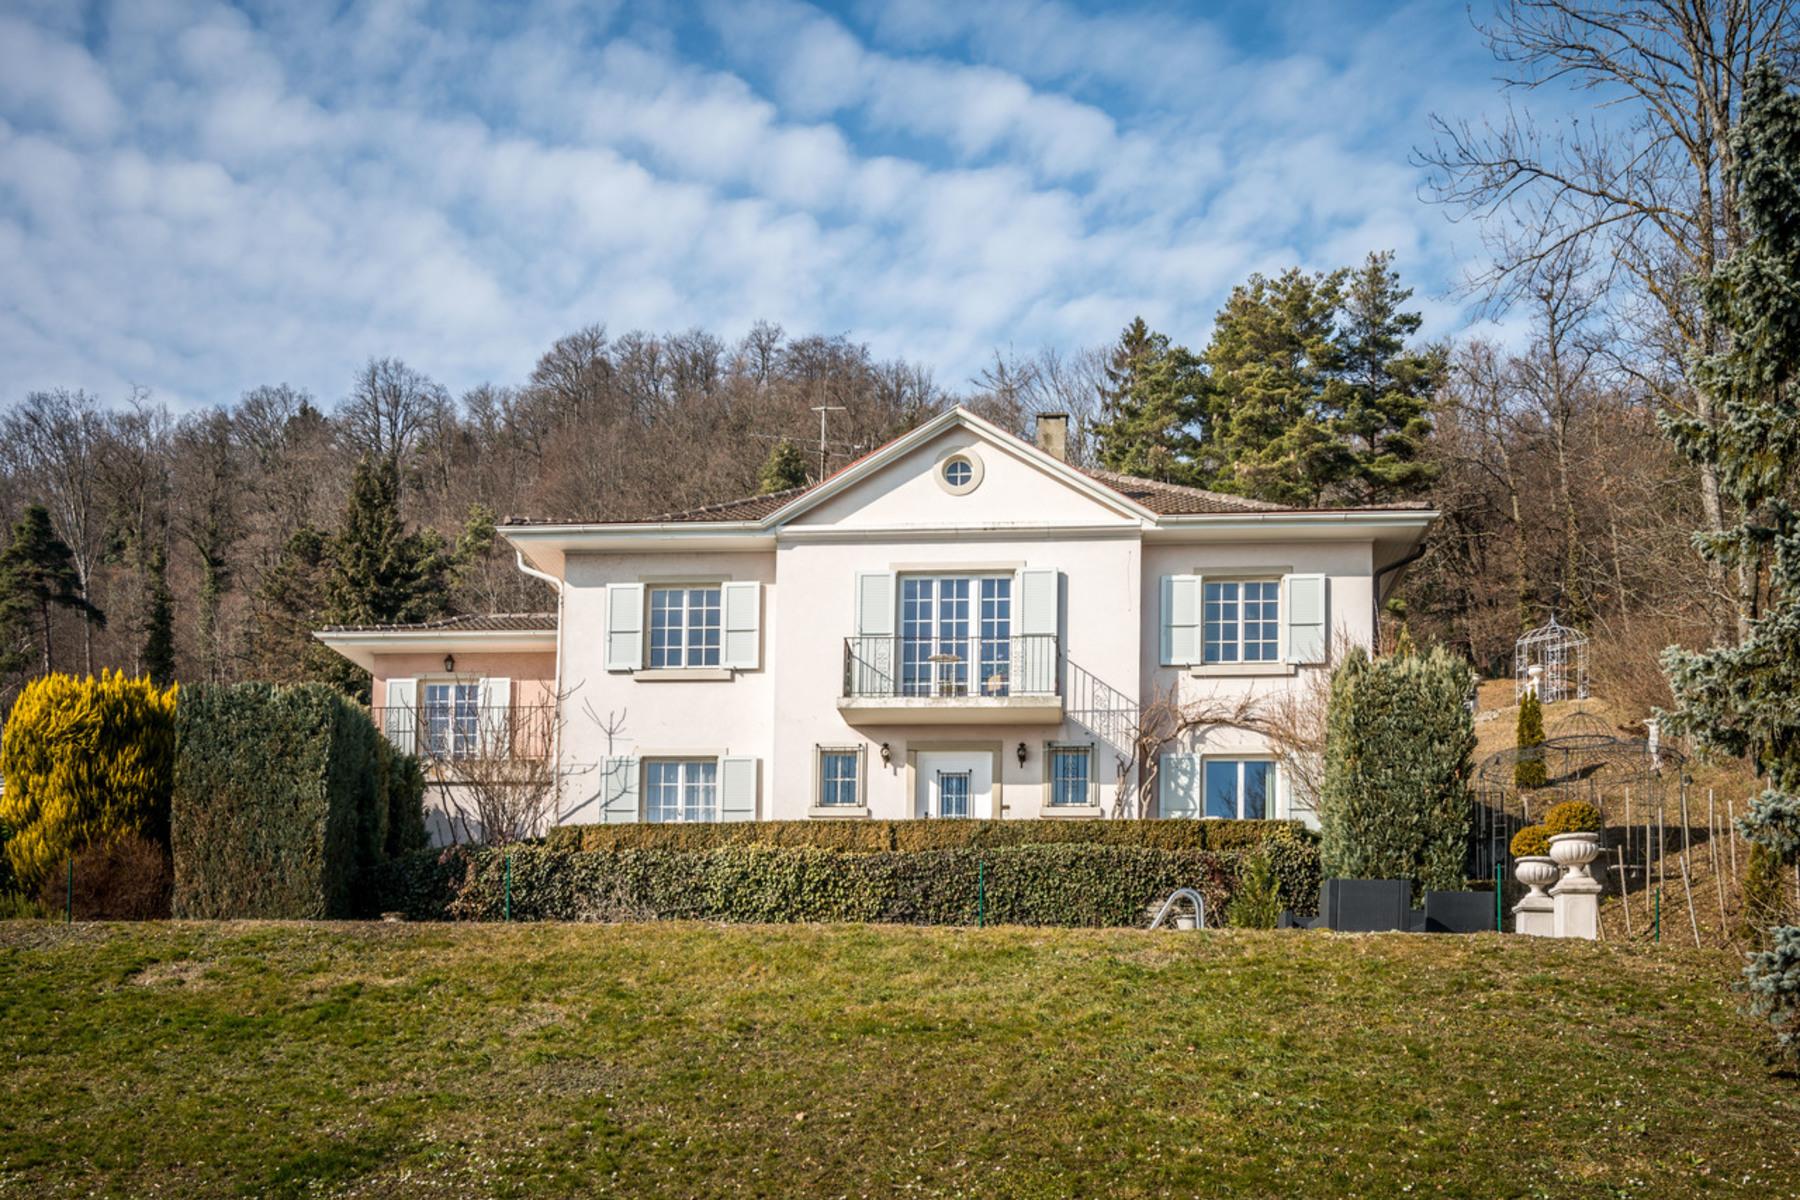 Nhà ở một gia đình vì Bán tại Elegant house with view Perroy Other Switzerland, Các Vùng Khác Ở Thụy Sĩ, 1166 Thụy Sĩ